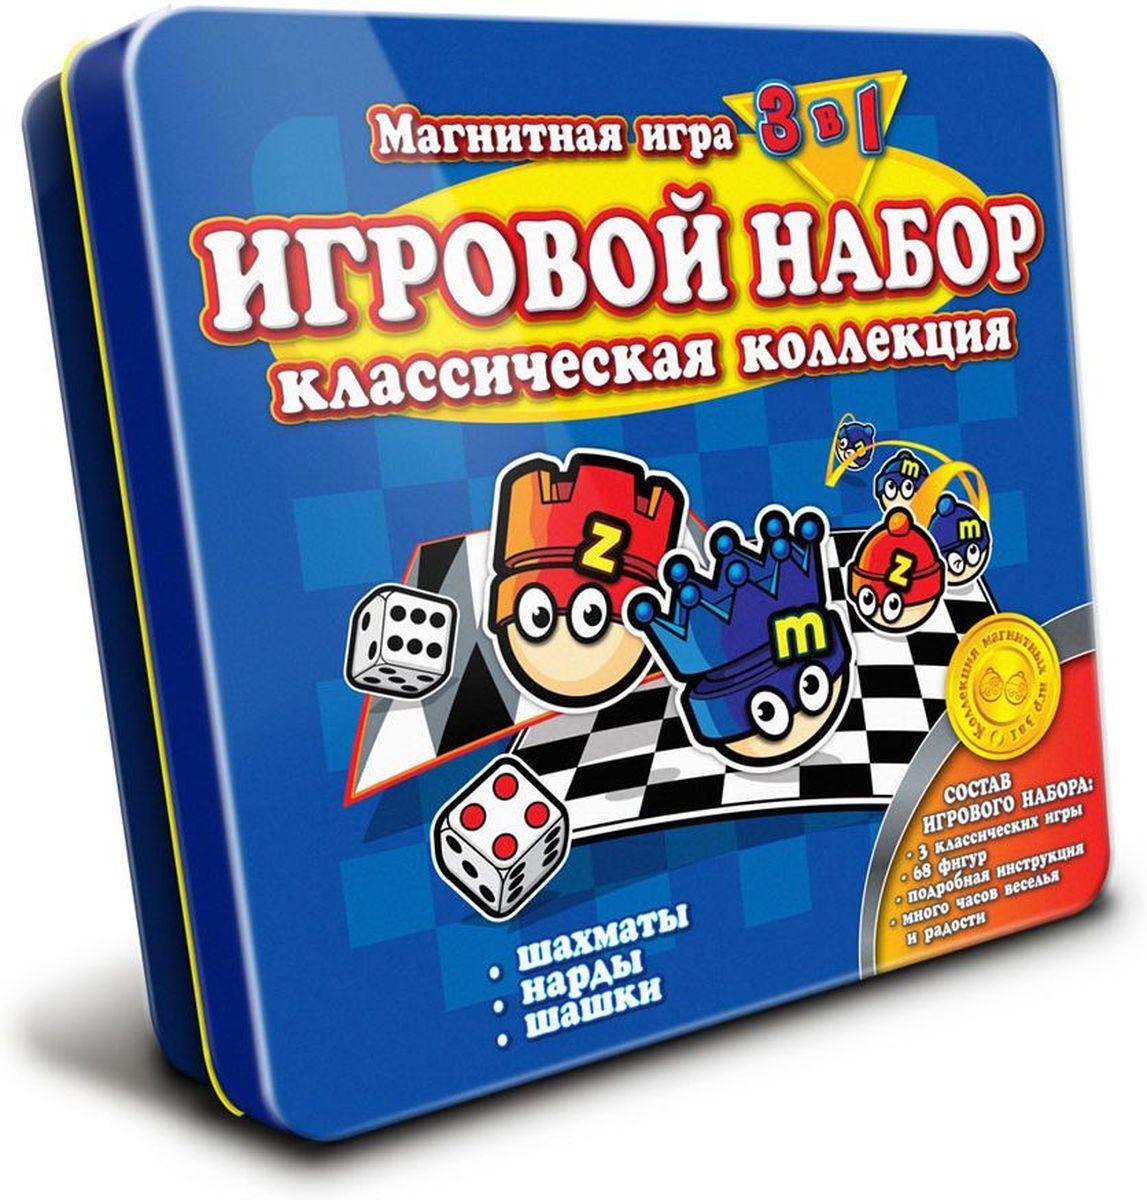 Mack & Zack Магнитная игра 3 в 1 Шахматы Шашки НардыGS_CLASSICТеперь вы можете играть в три классические игры в магнитном варианте от Mack & Zack. Дорожный набор Шахматы, шашки, нарды станет незаменимым во время похода или поездки. В наборе - шахматные фигуры и шашки, выполненные в виде Мака и Зака. Нижняя часть коробки сделана в виде игрового поля для шахмат и шашек, верхняя в виде поля для нард. Такой набор поможет развить логическое мышление и позволит вам интересно и с пользой провести время. Фигурки будут прочно держаться на металлическом поле и не разлетятся по салону автомобиля или вагону поезда. В составе набора игральные кубики, шашки и шахматные фигуры, выполненные в виде забавных красно-синих человечков - Мака и Зака. Верхняя часть металлической коробки представляет собой игровое поле для нард, нижняя - для шахмат и шашек. Благодаря компактным размерам набор от Mack & Zack не займет много места в дорожной сумке. Если вы позабудете правила игры, на помощь придет подробная инструкция, которая также входит в...